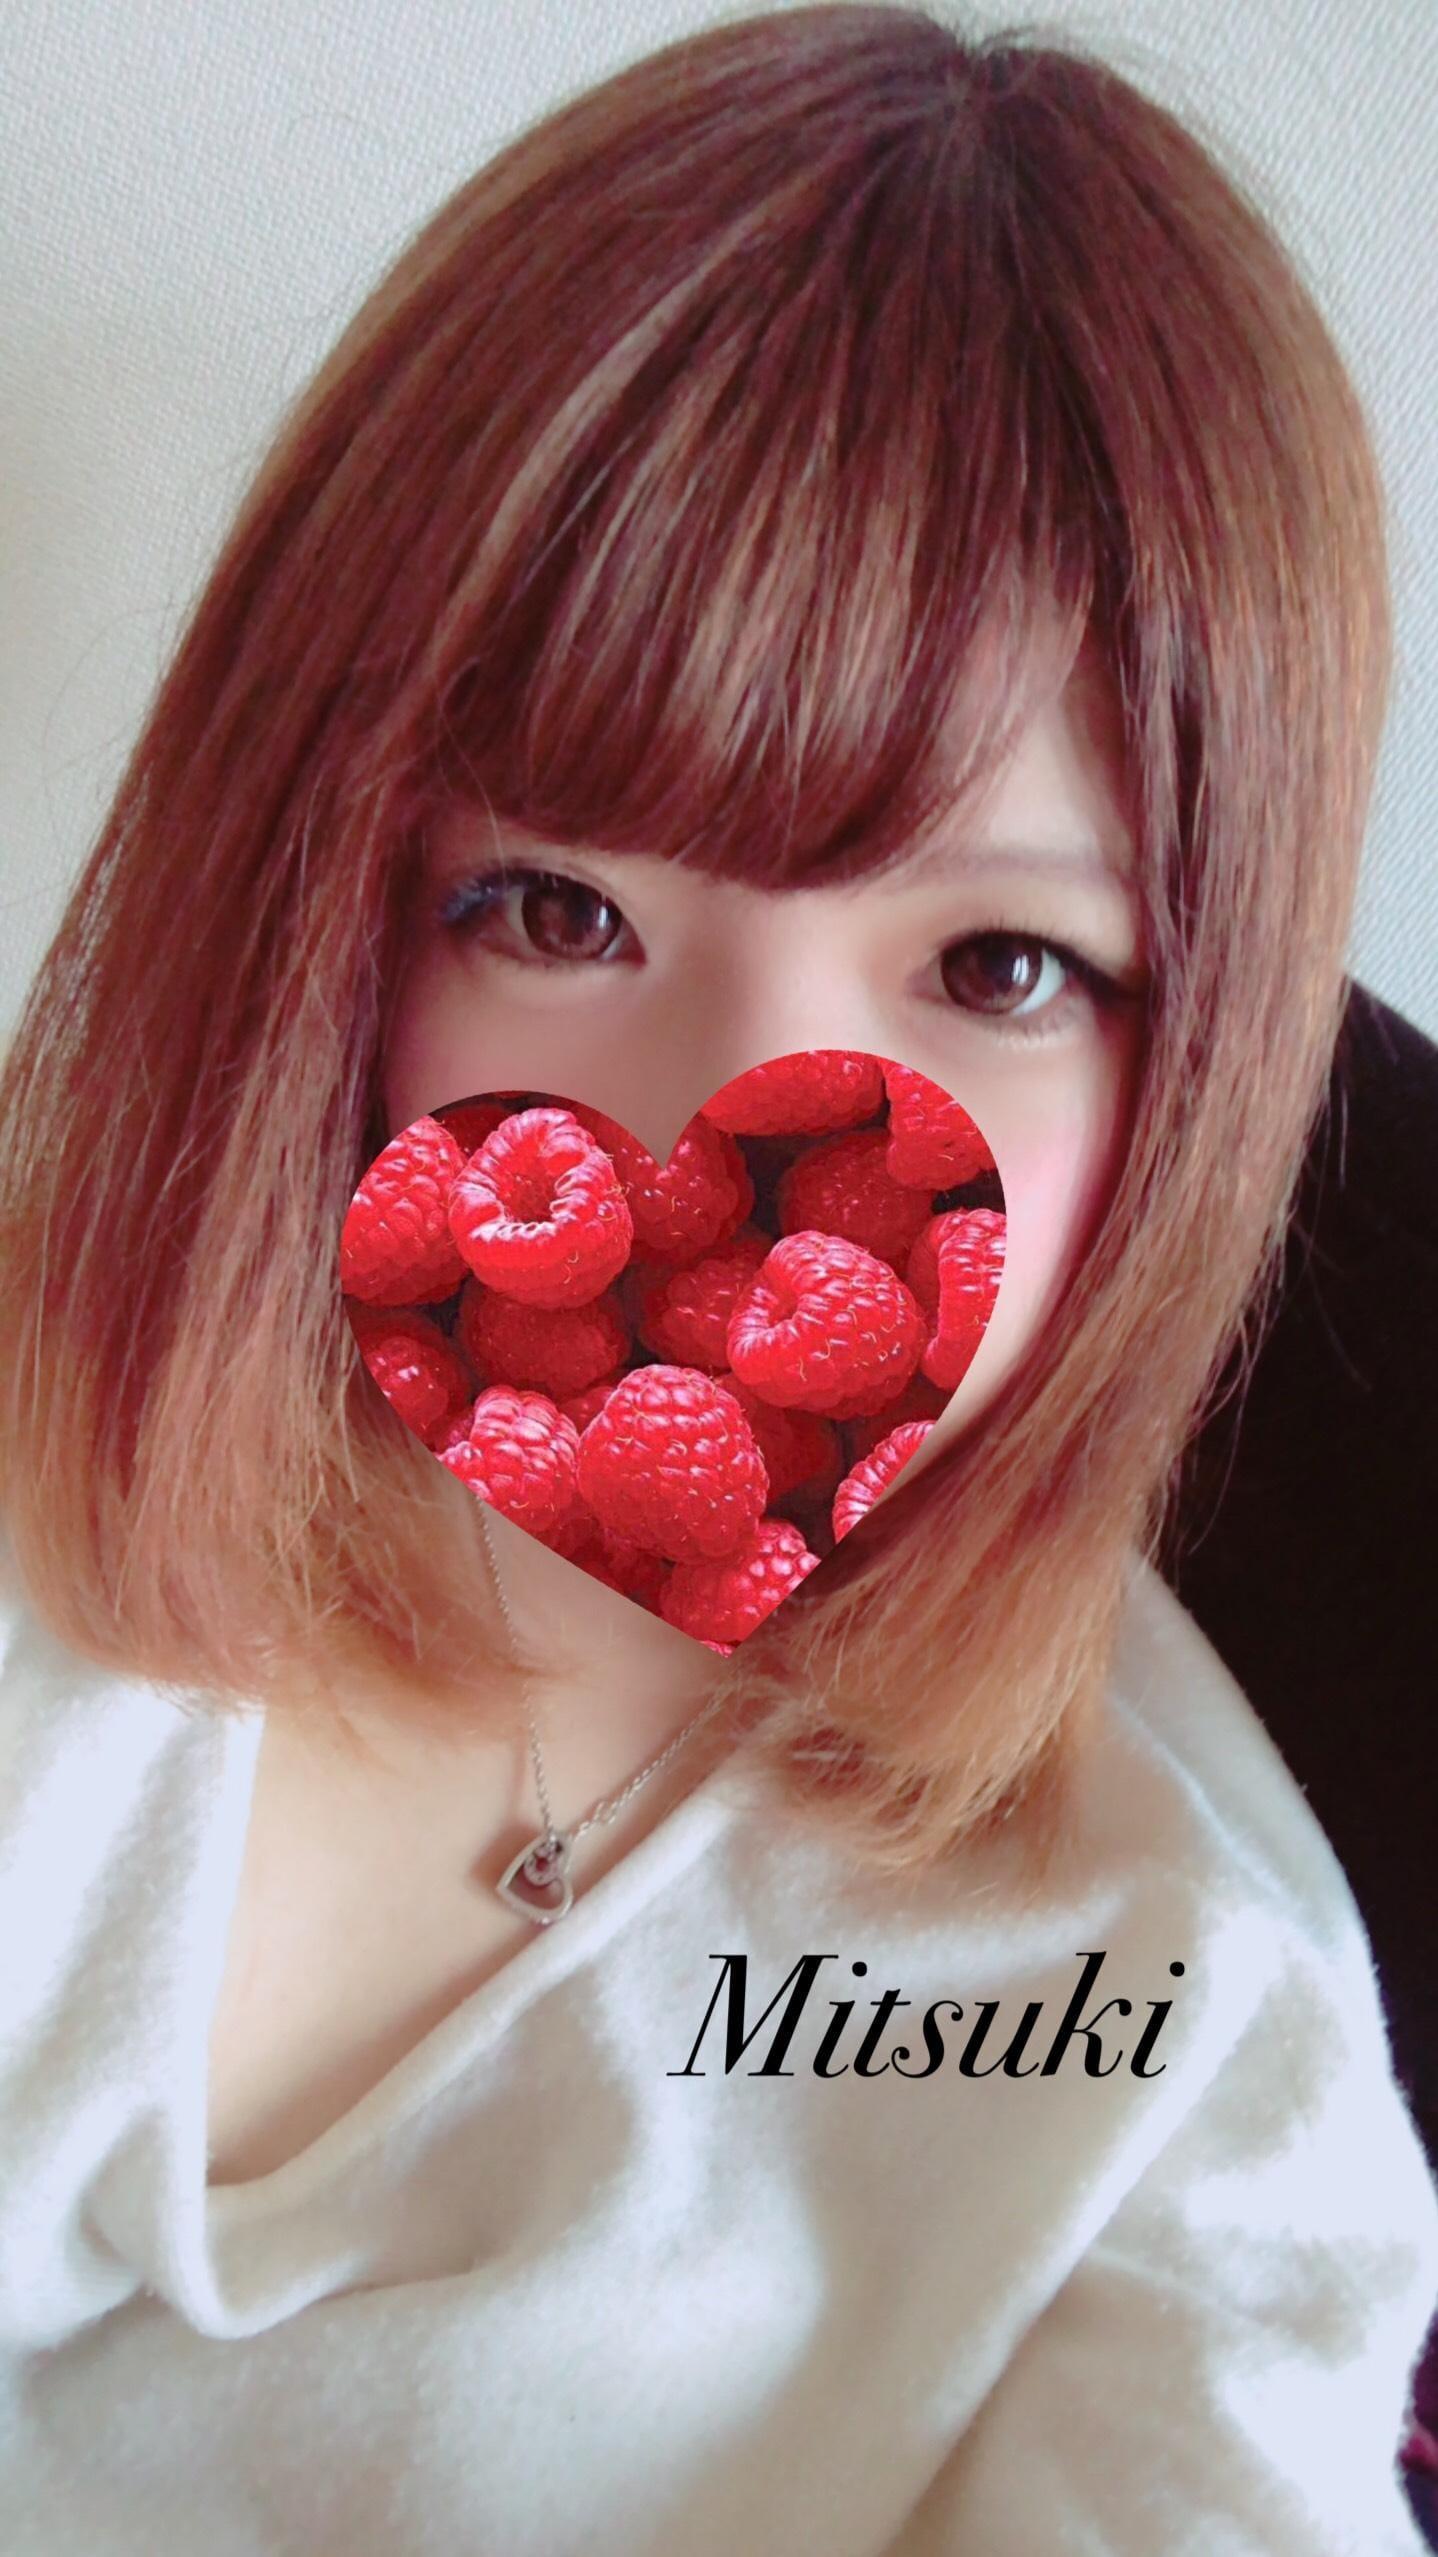 「おれい」10/19(金) 00:30   みつき☆REGULARの写メ・風俗動画